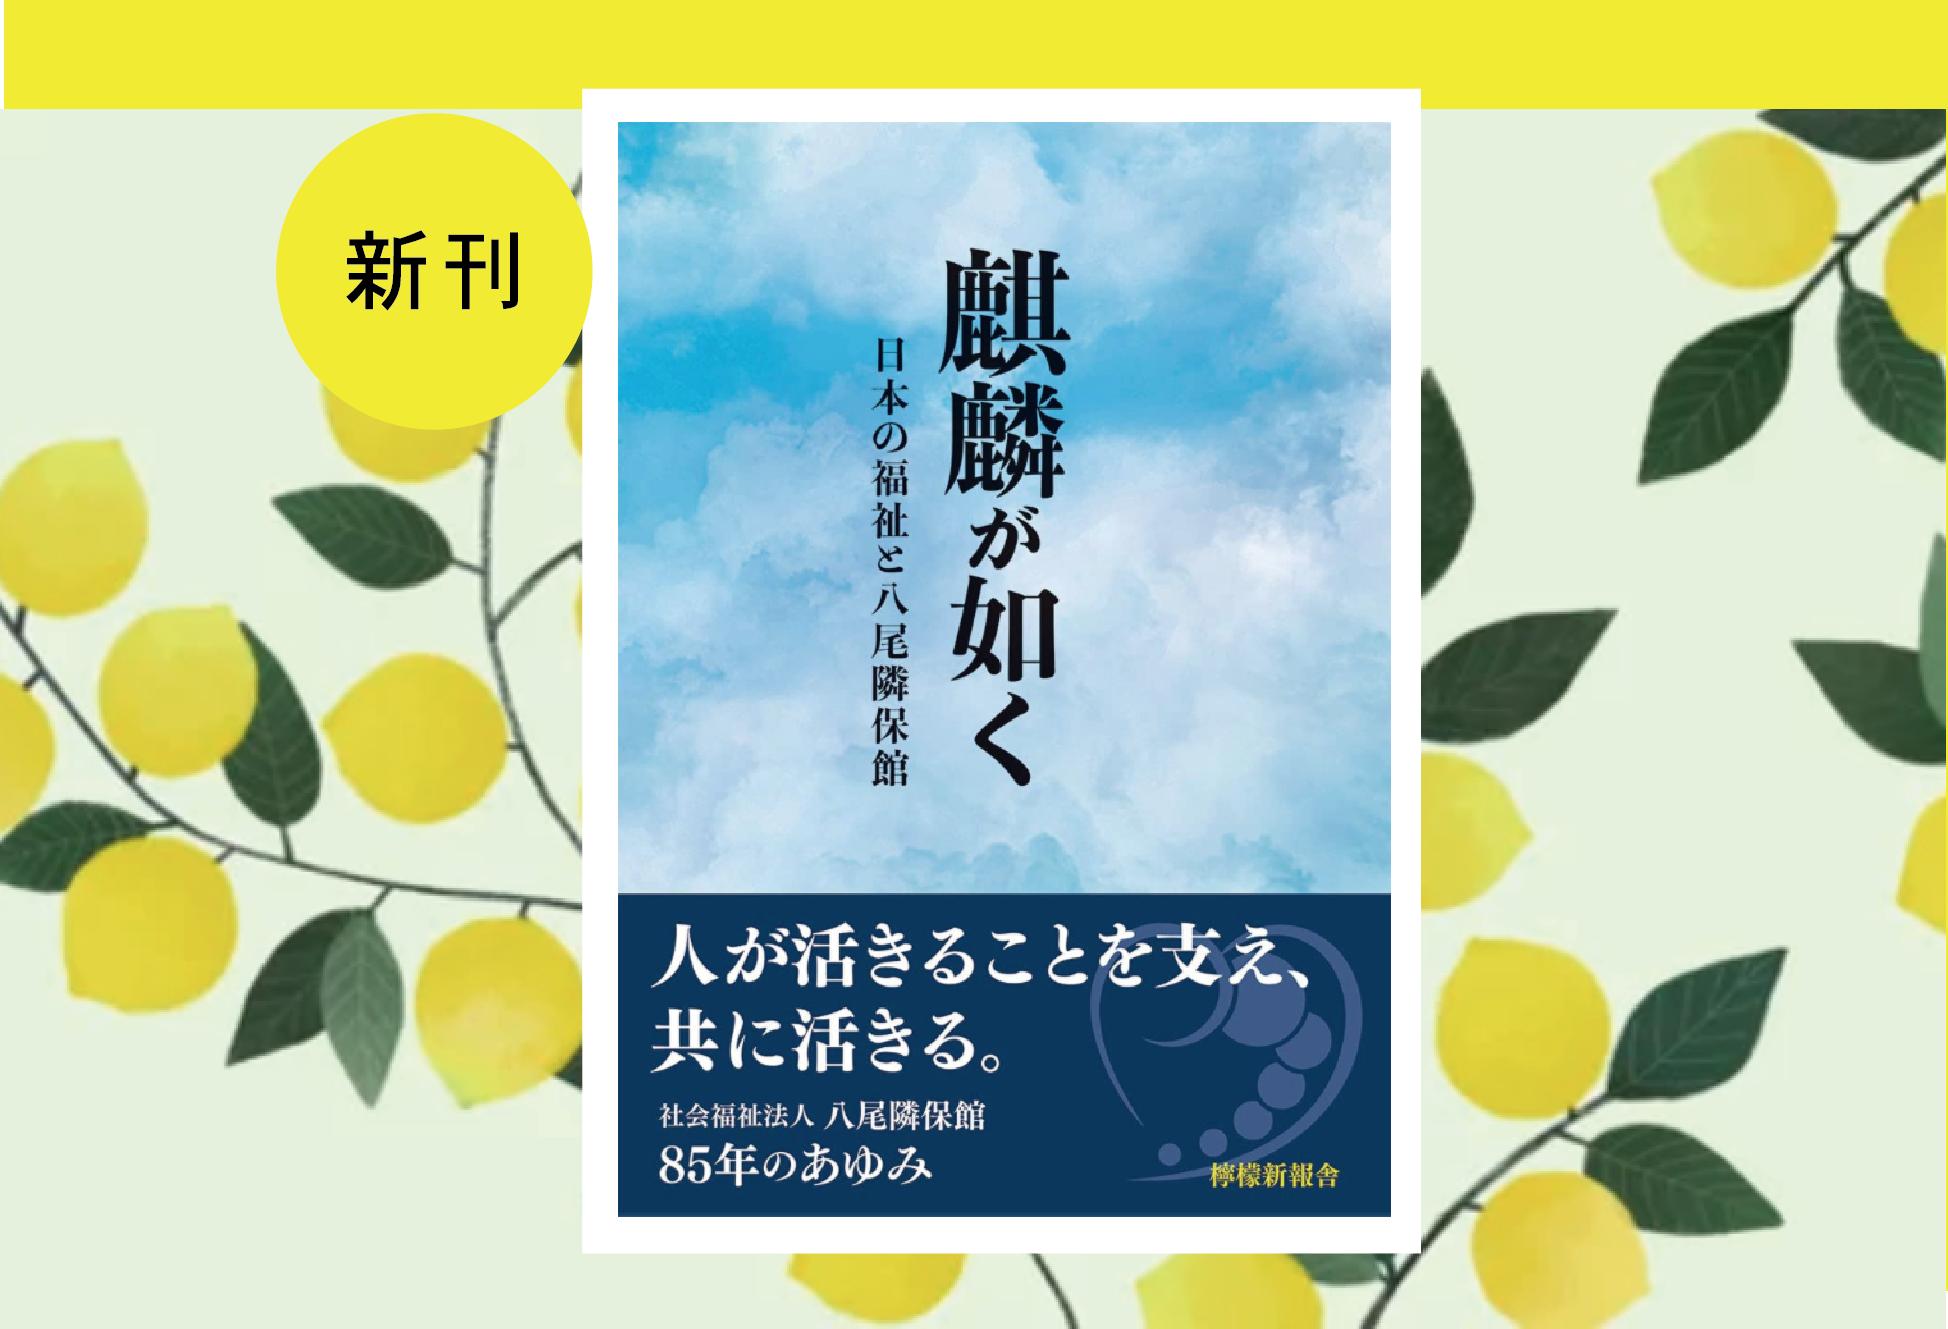 「新刊『麒麟が如く 日本の福祉と八尾隣保館』発売中!」のアイキャッチ画像